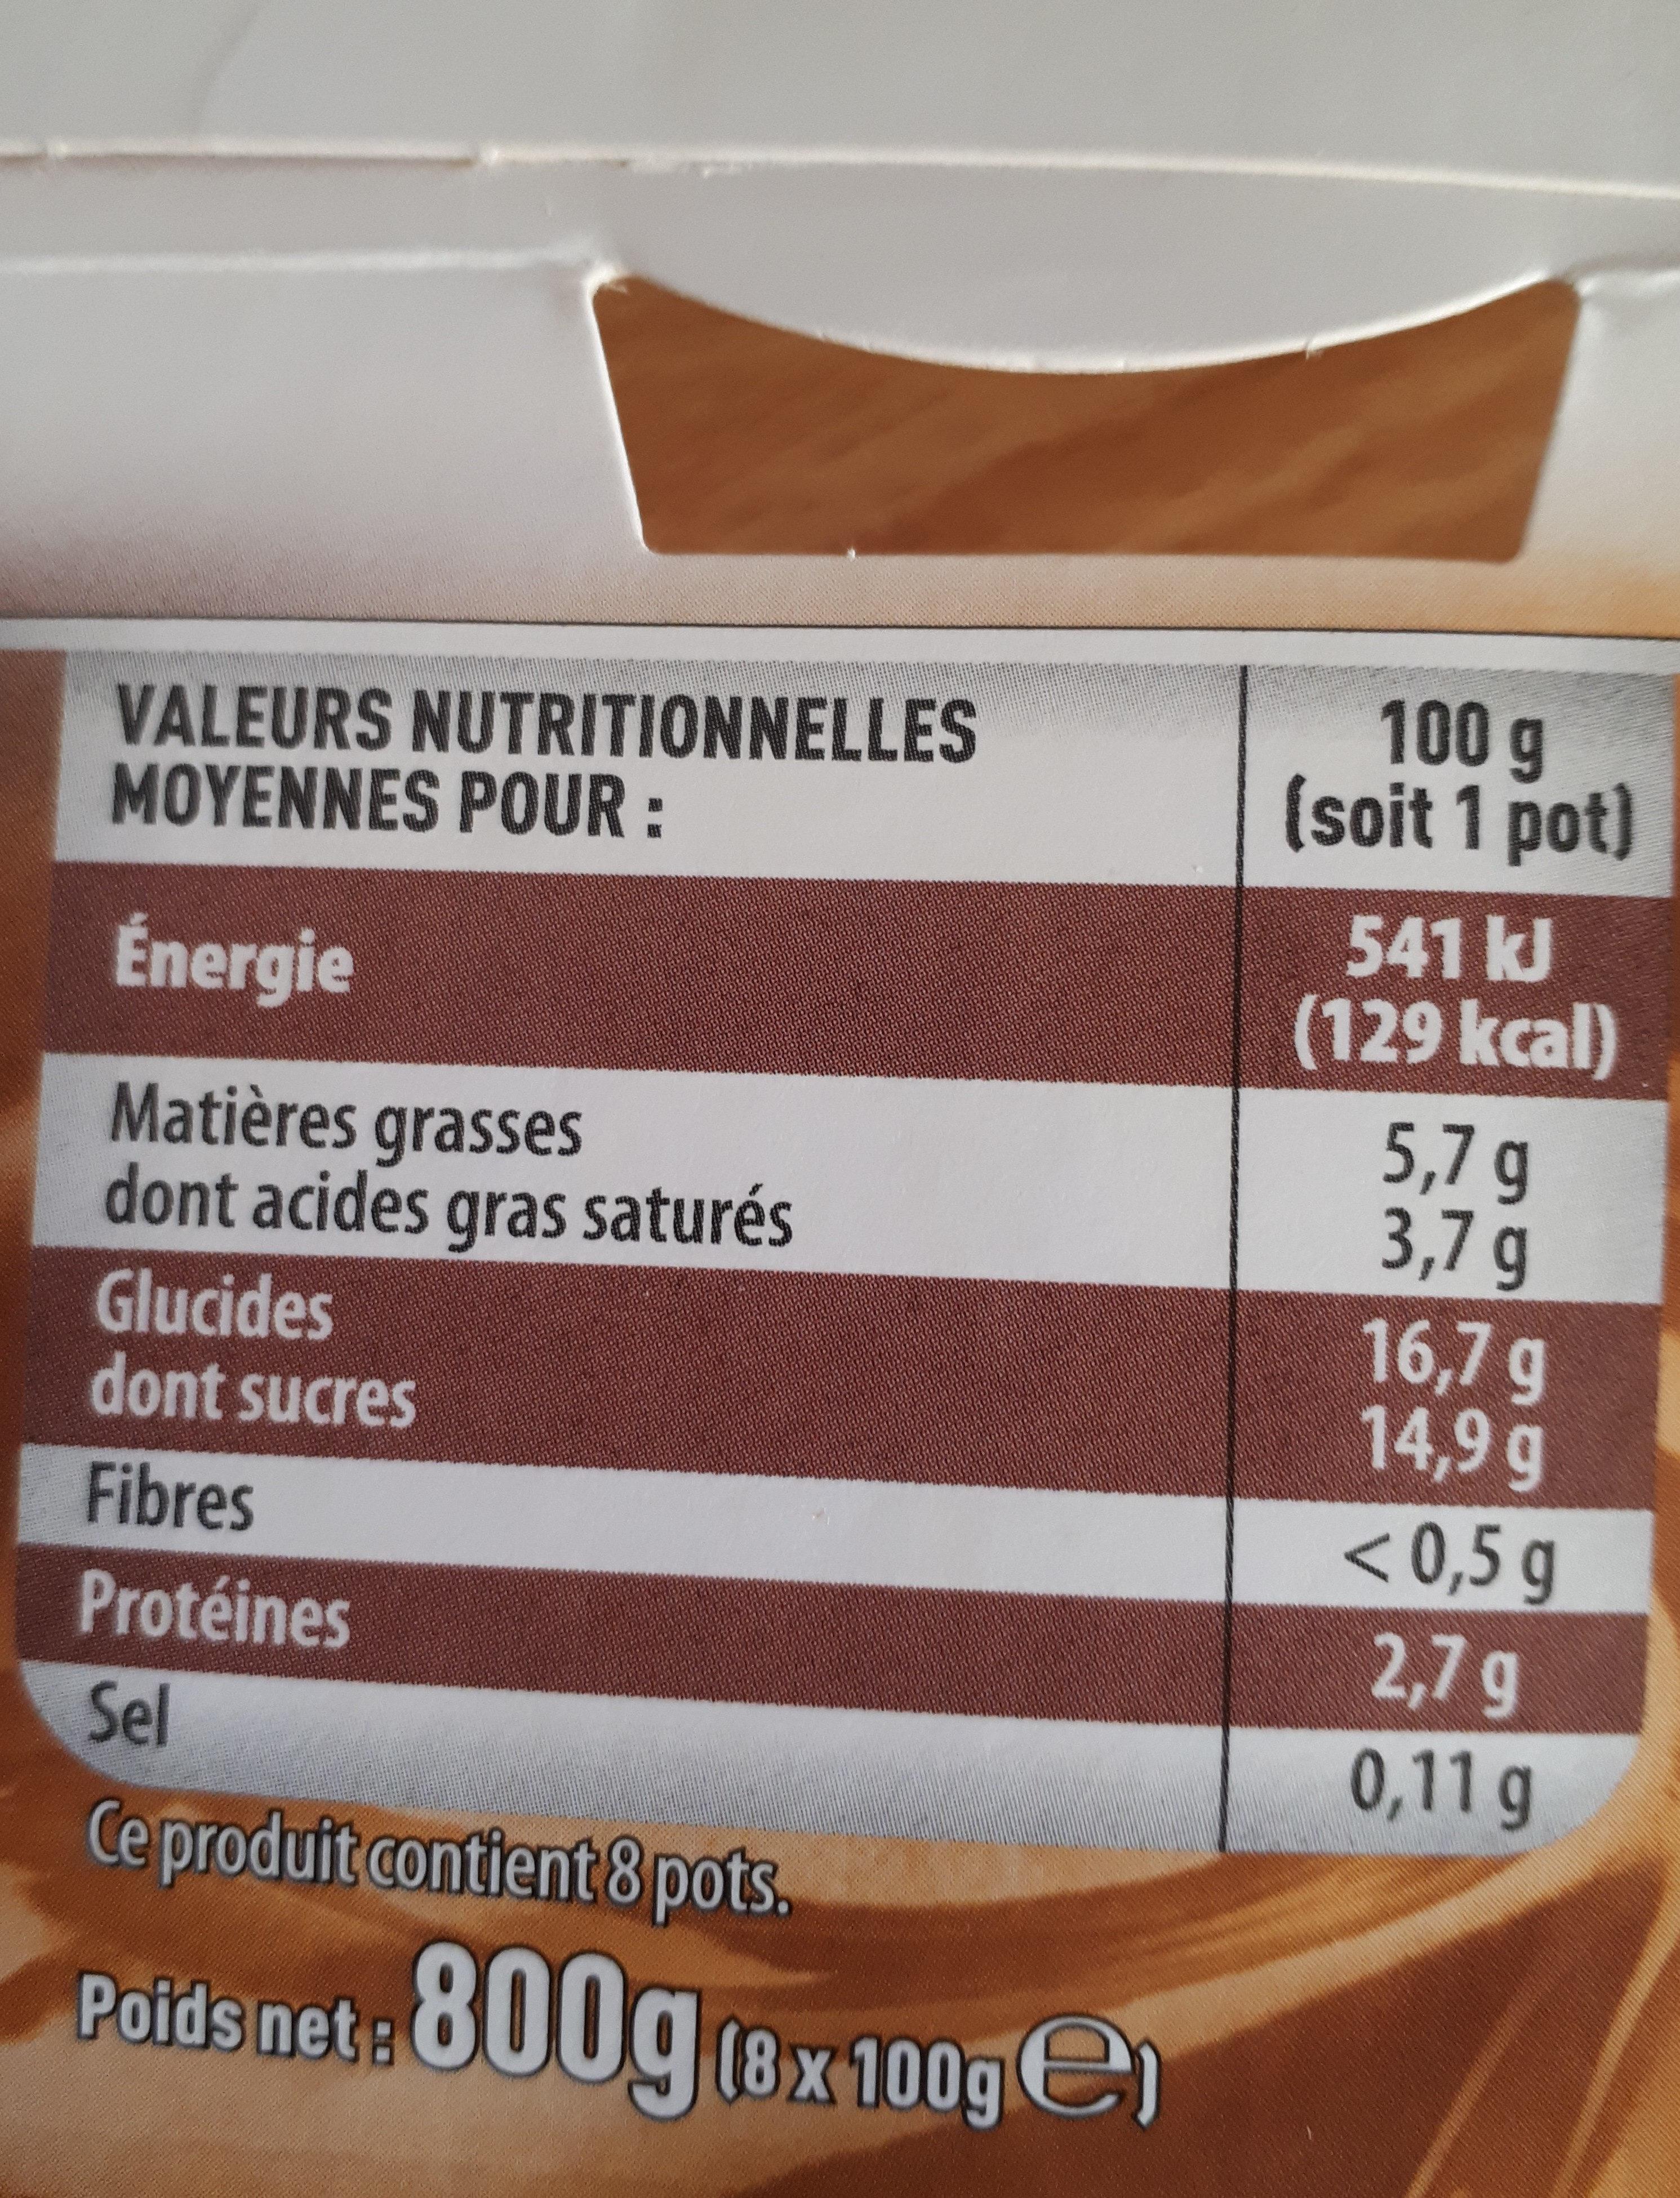 8 Liégeois Pâturages: 4 Chocolat, 4 café - Nutrition facts - fr